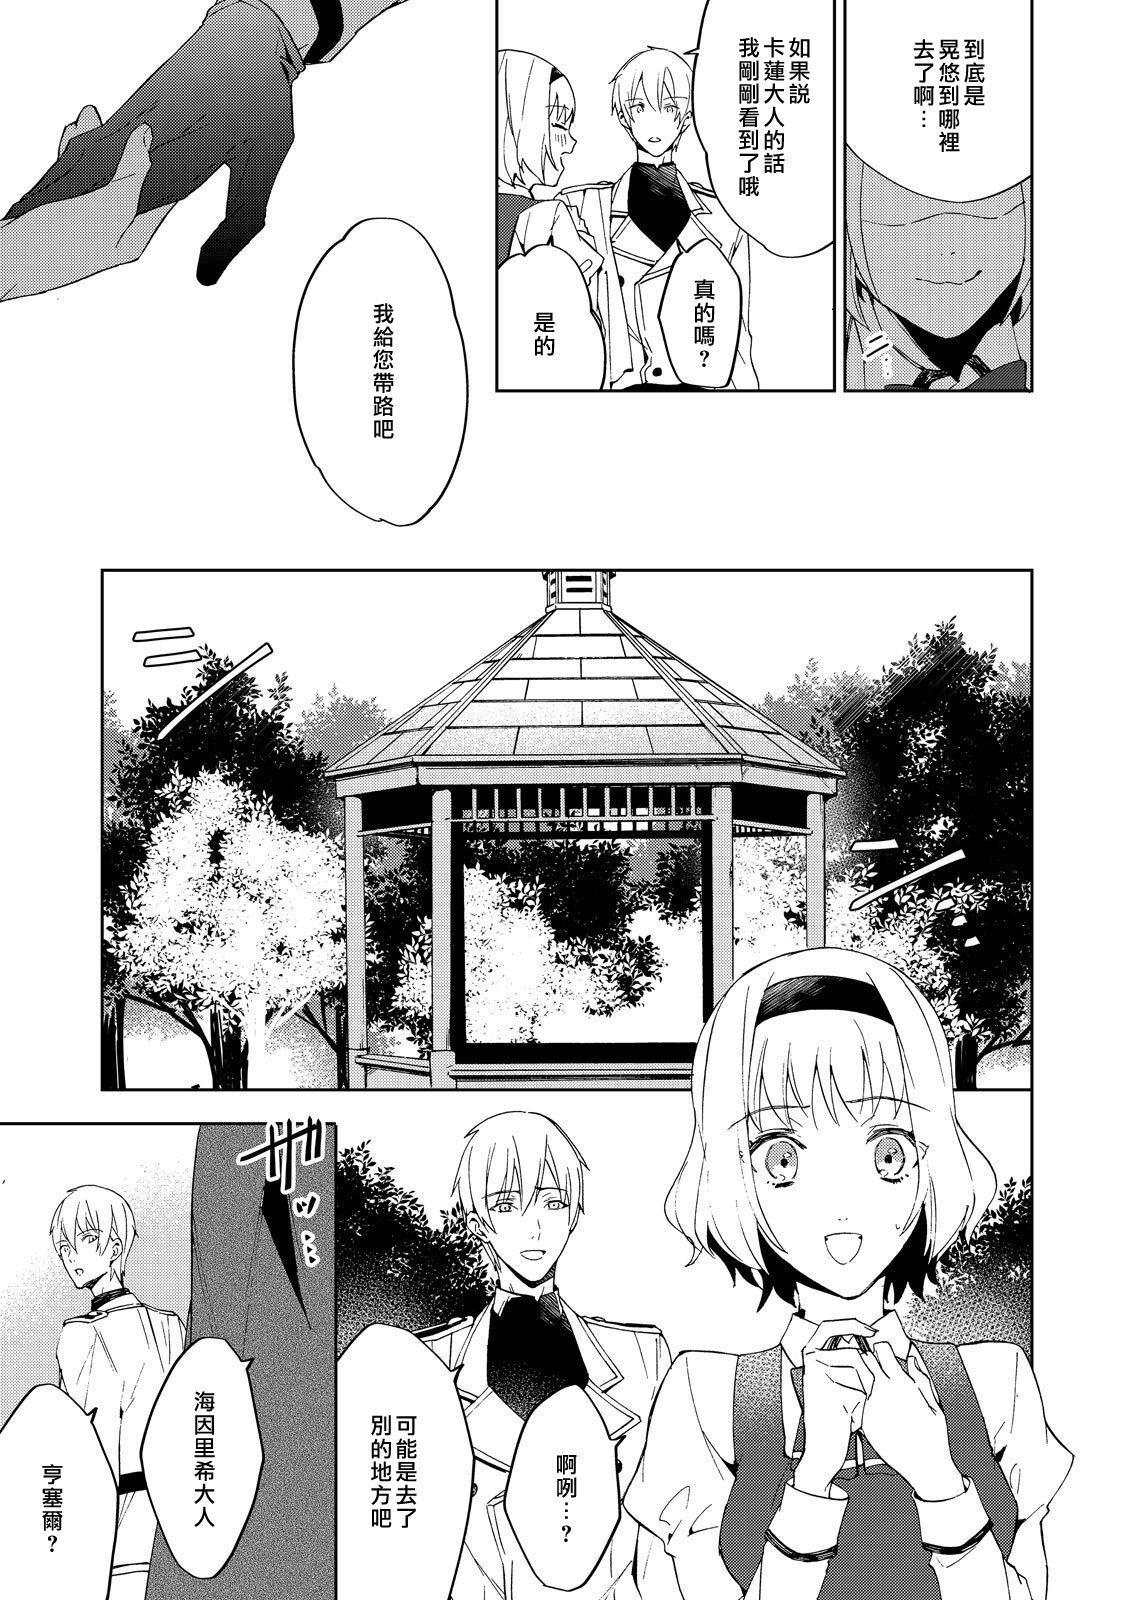 [Yuzushiwo] Akuyaku Reijou wa Ichizu ni Dekiai sarete ~Noumitsu Sex no Aite wa Juuboku~ | 被疯狂溺爱的反派大小姐~浓密性爱对象是仆从~ 1-4 [Chinese] [莉赛特汉化组] 57